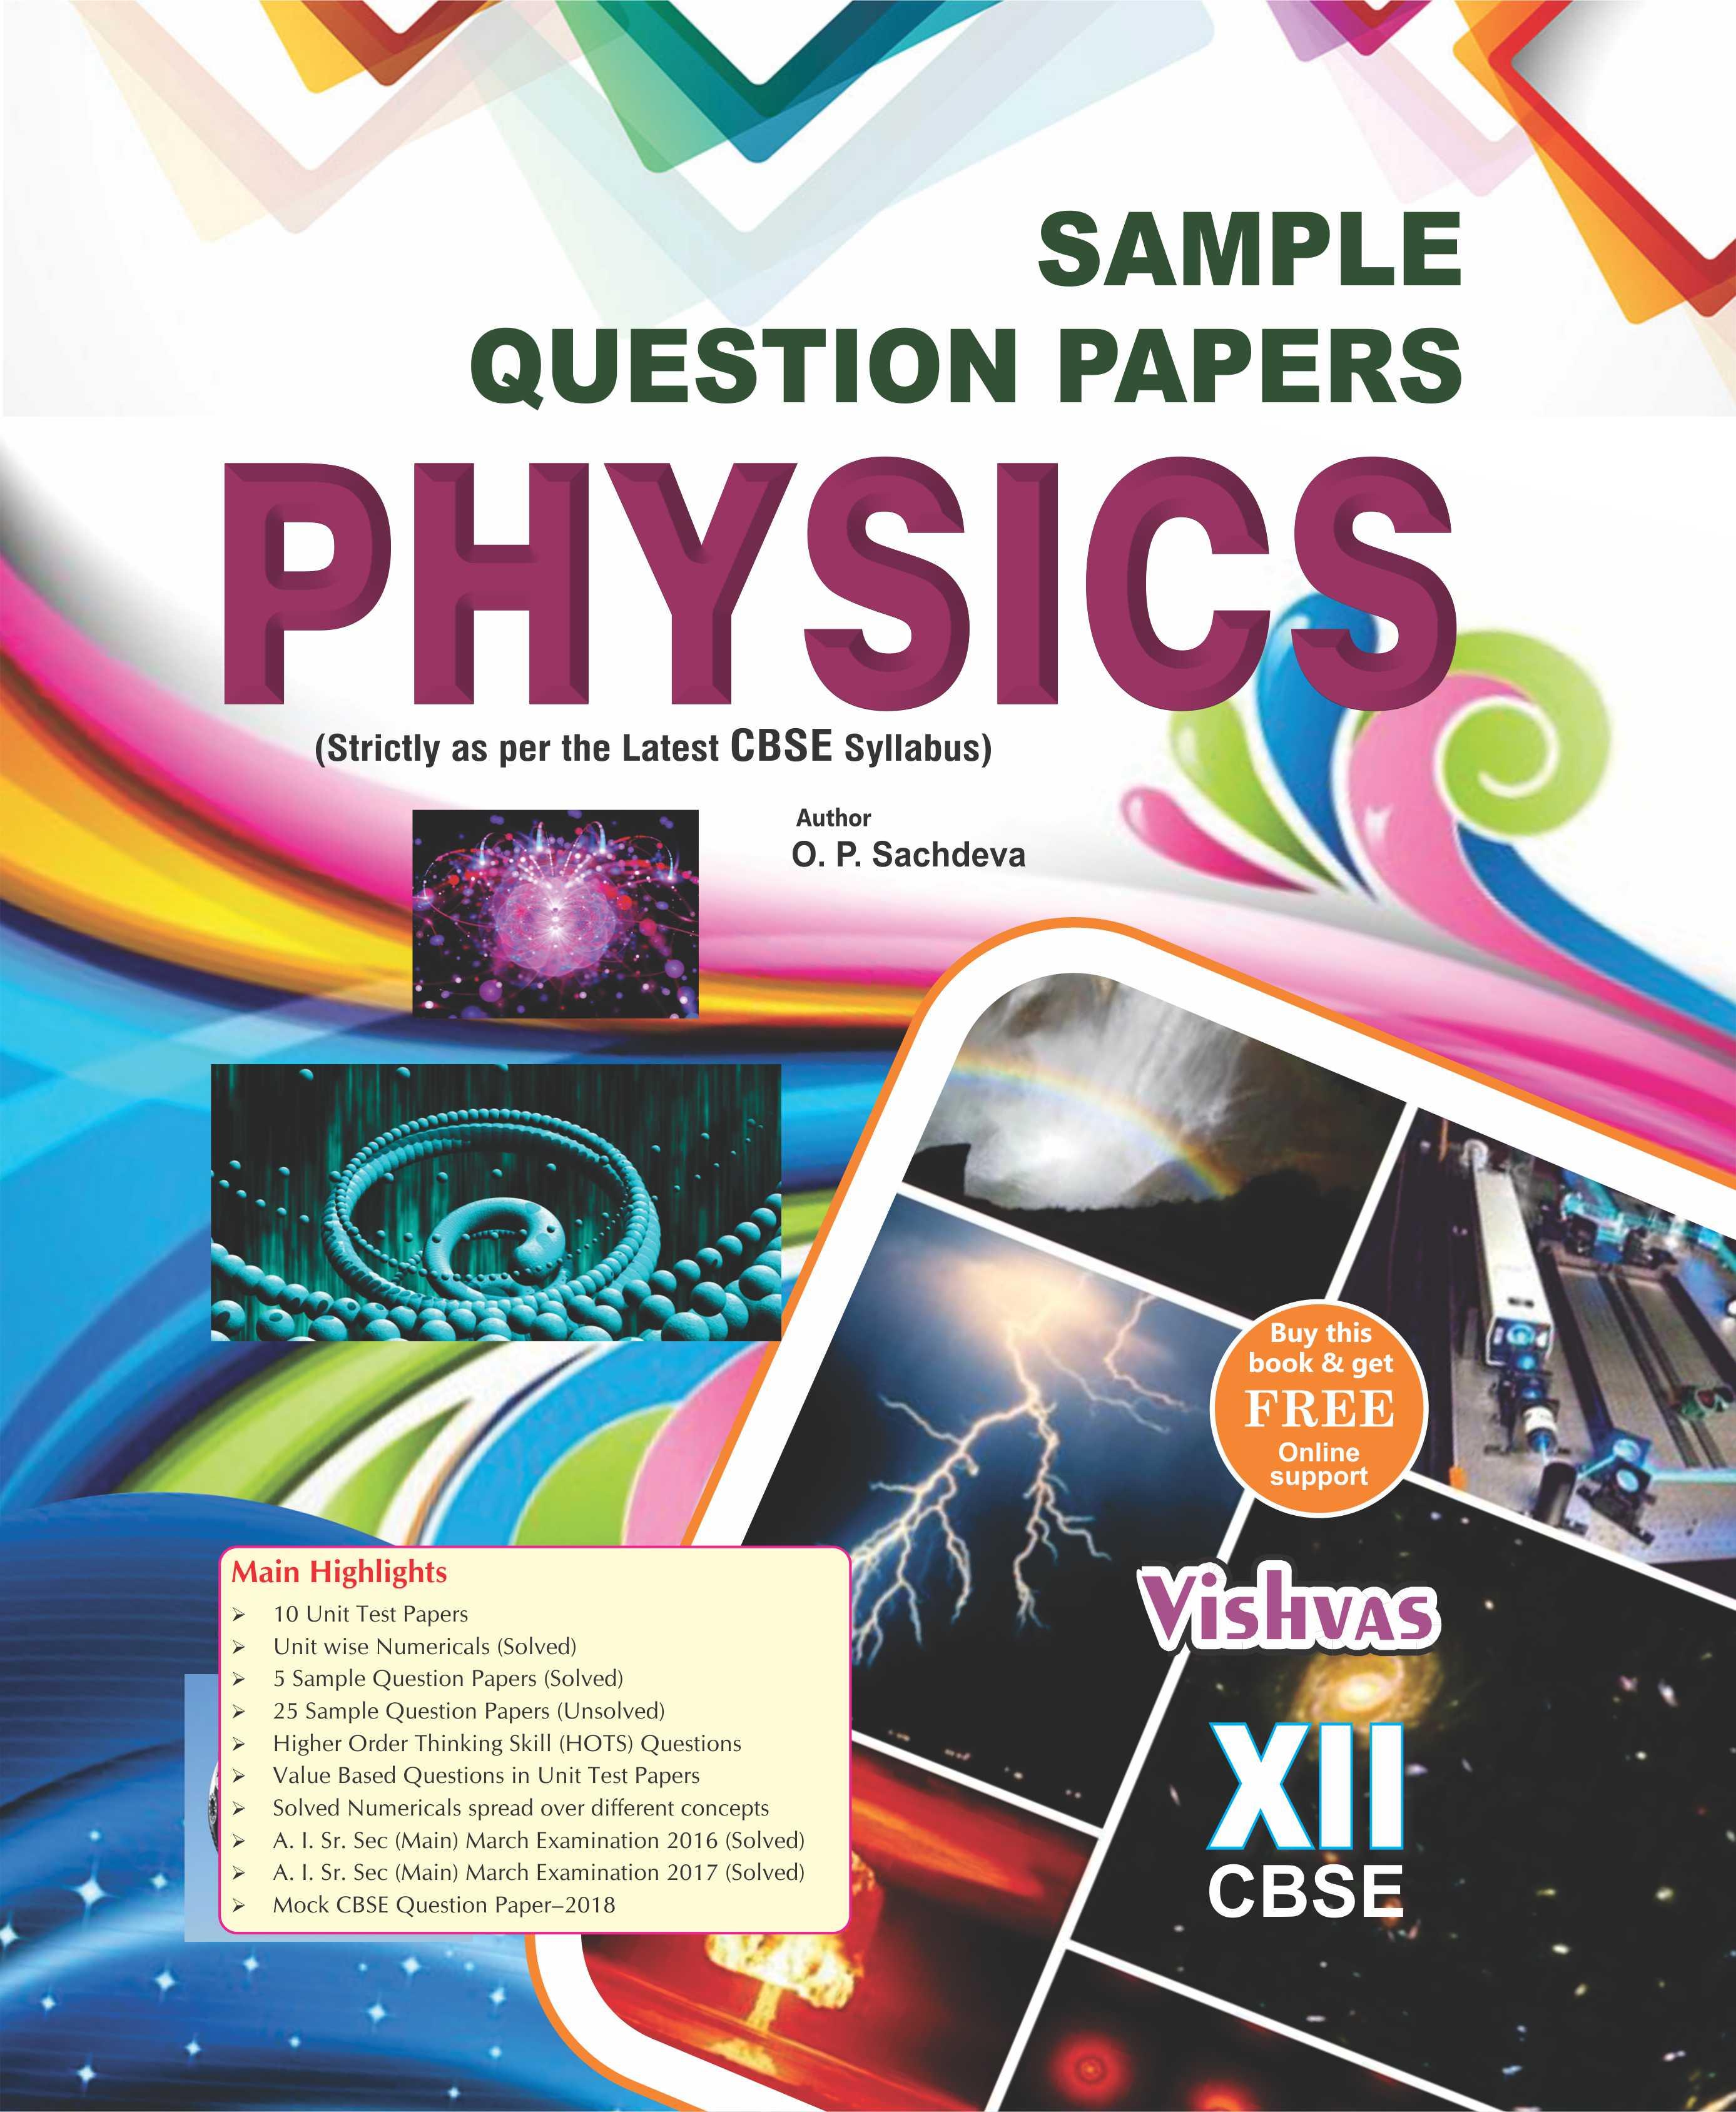 מגזין אופניים - פורום מגזין אופניים - נושאים: class 11 physics